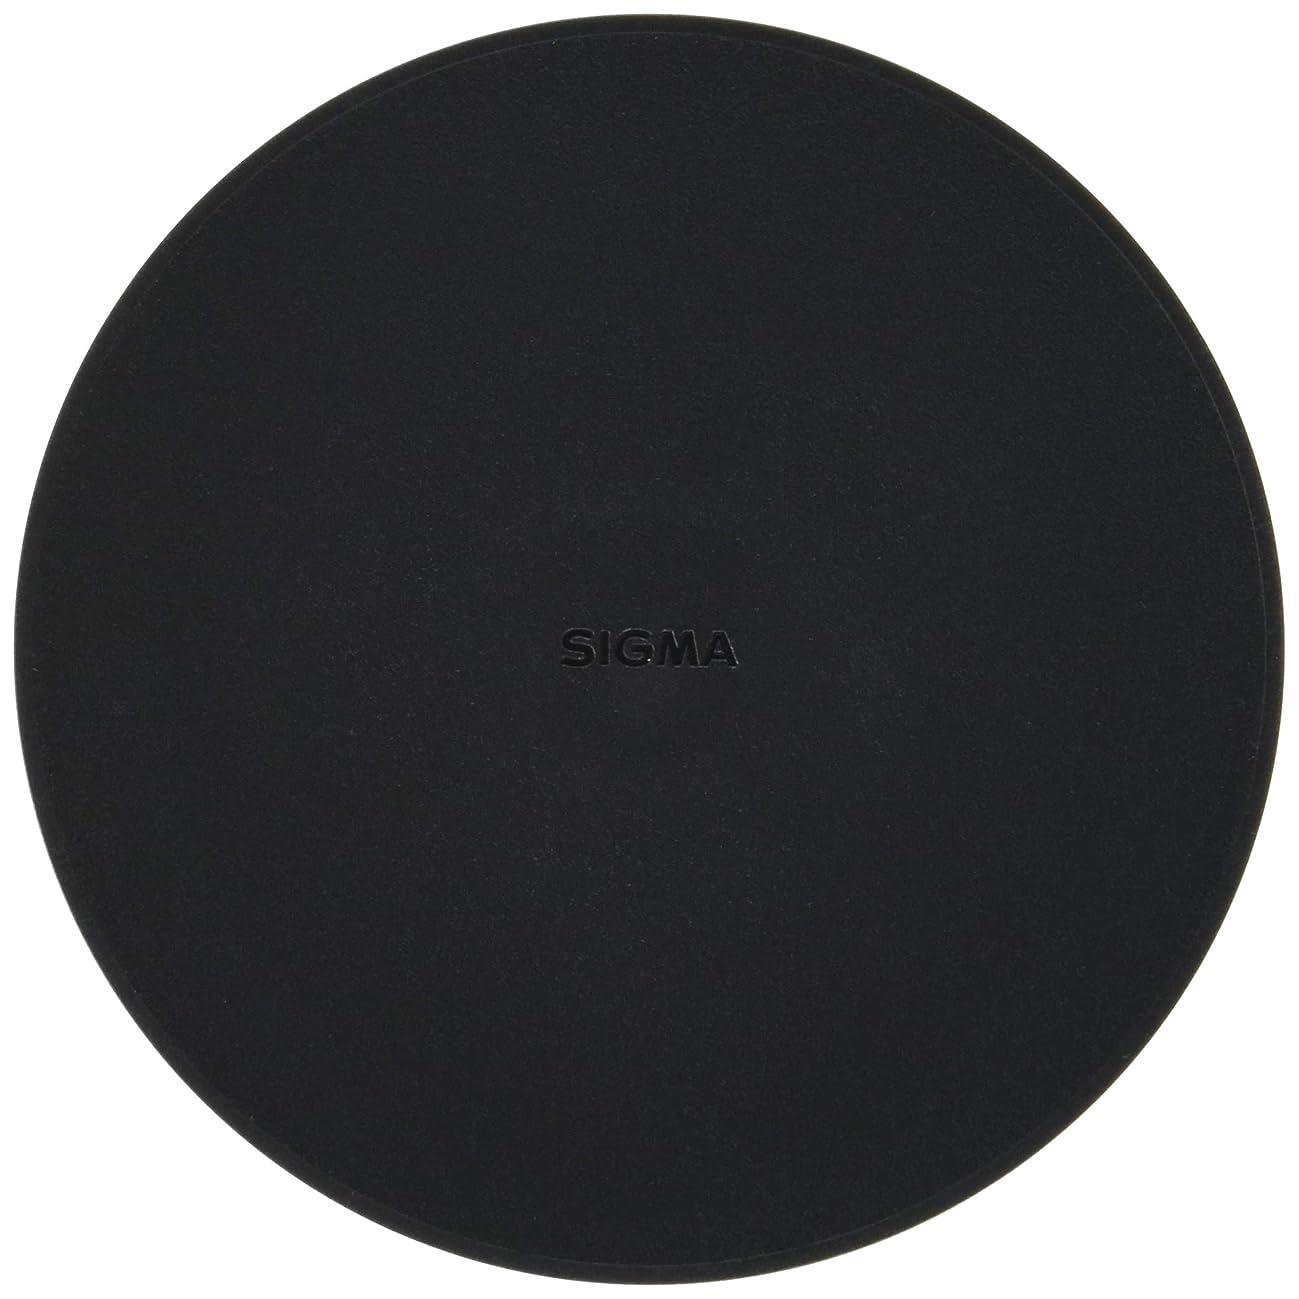 連鎖発言する魅惑するSIGMA かぶせ式レンズキャップ LC-1020-01